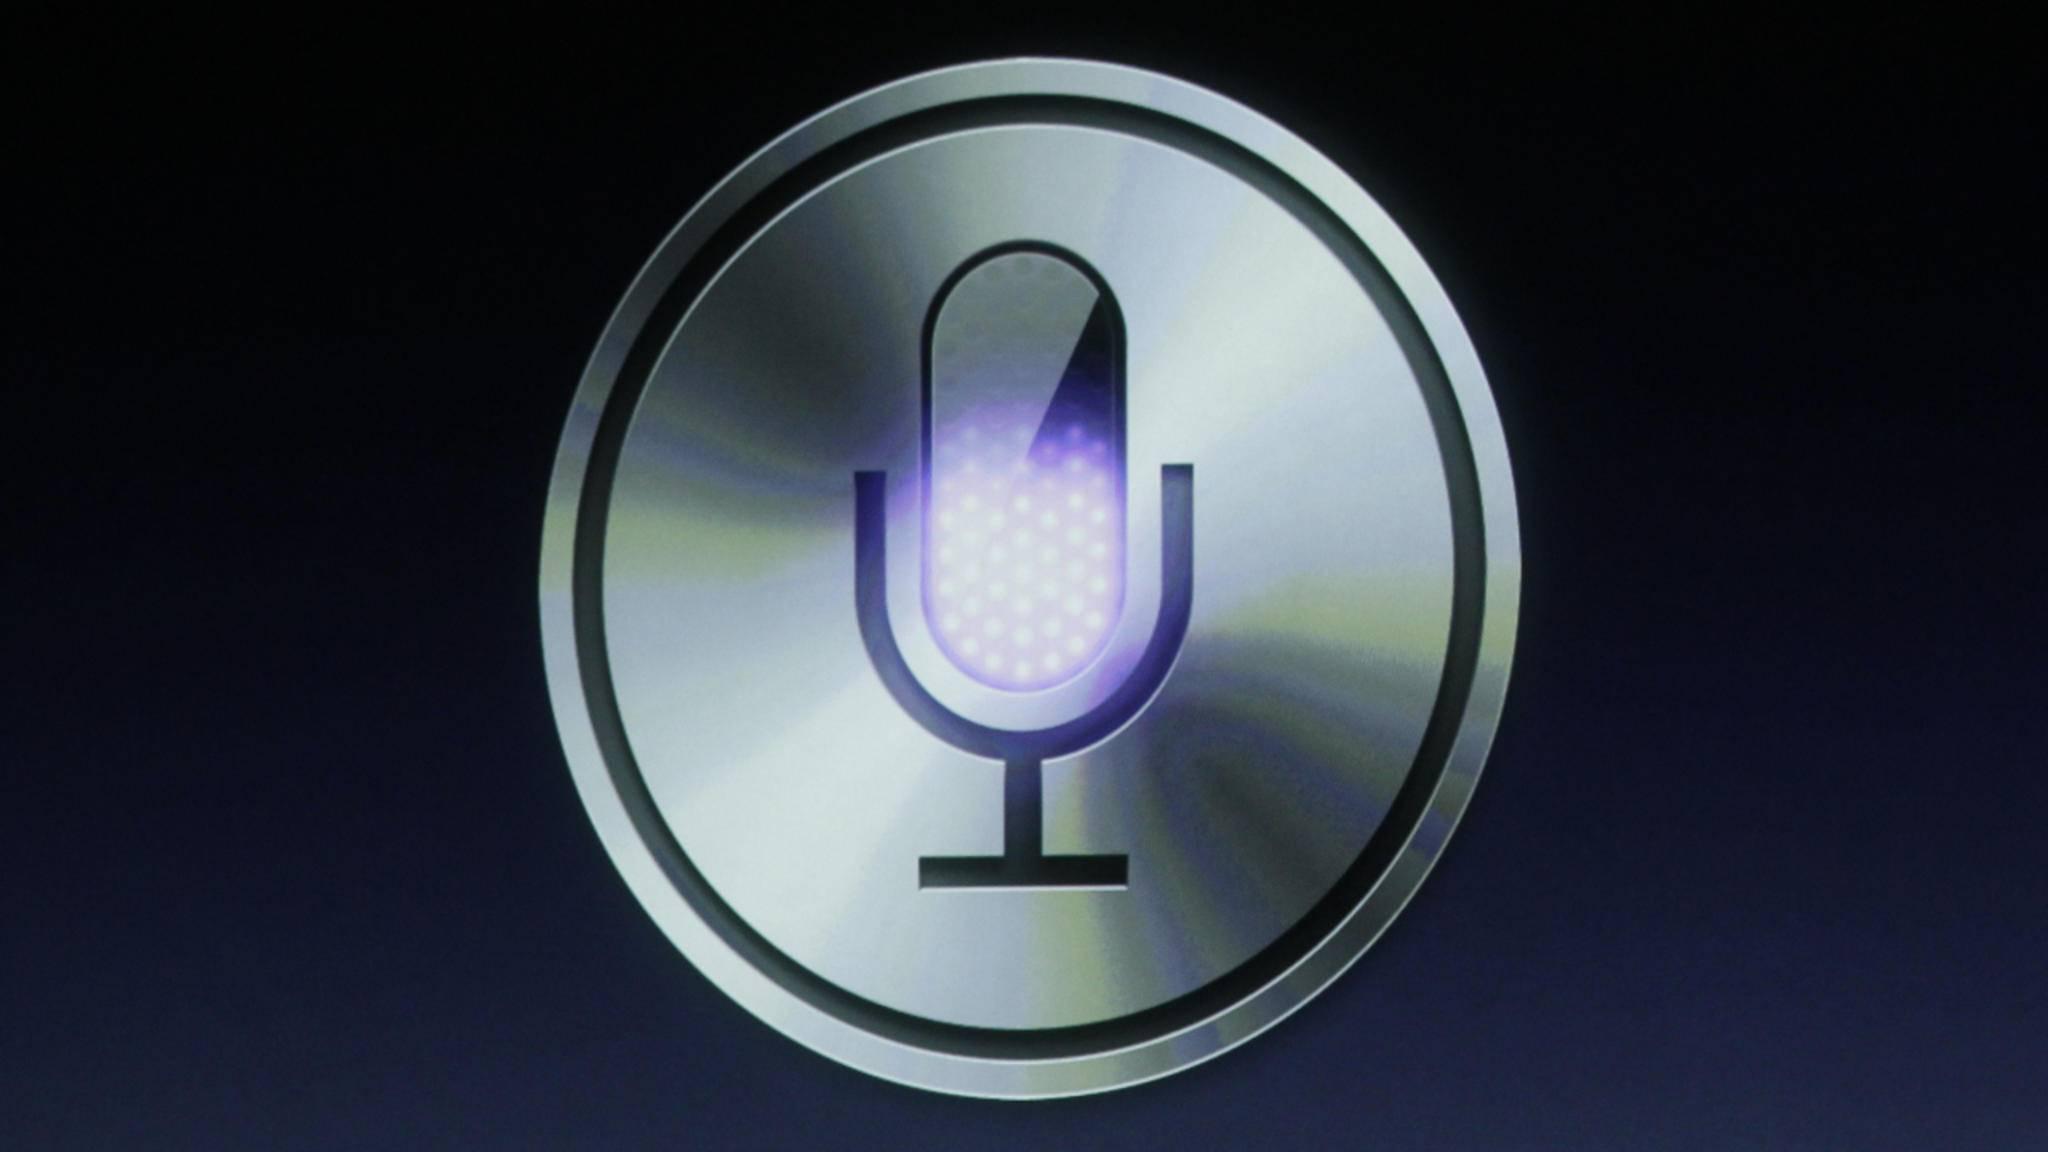 Hast Du Dich auch schon einmal gefragt, wer oder was hinter Siri steckt?